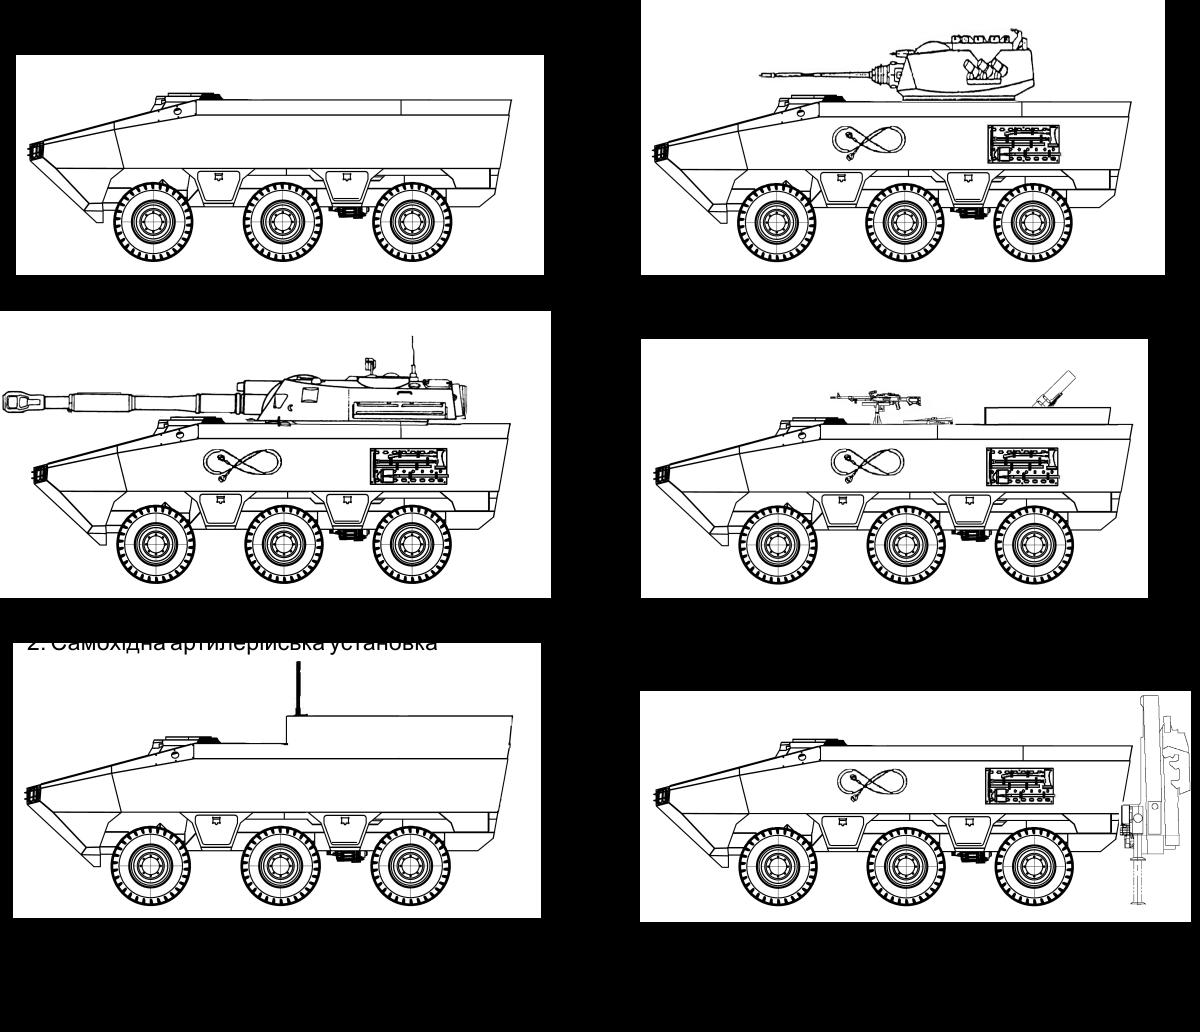 Базове колісне шасі (БТР) 6х6 «Отаман»